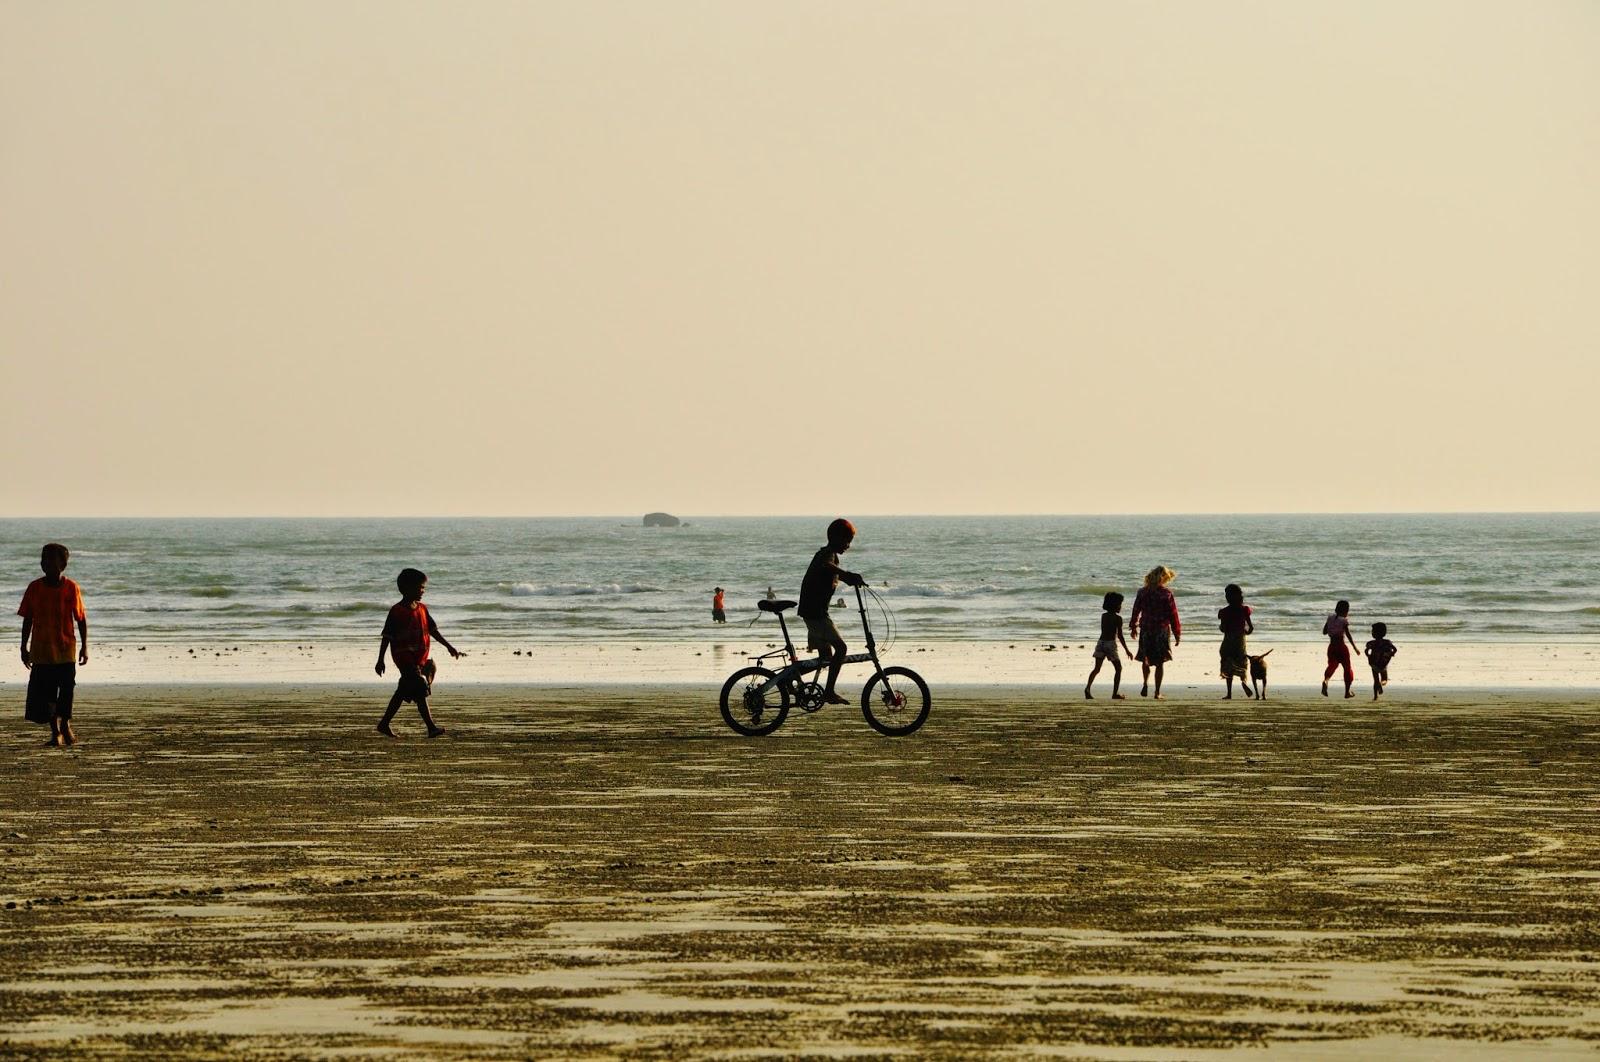 Myanmar (Burma) - Maungmagan Beach